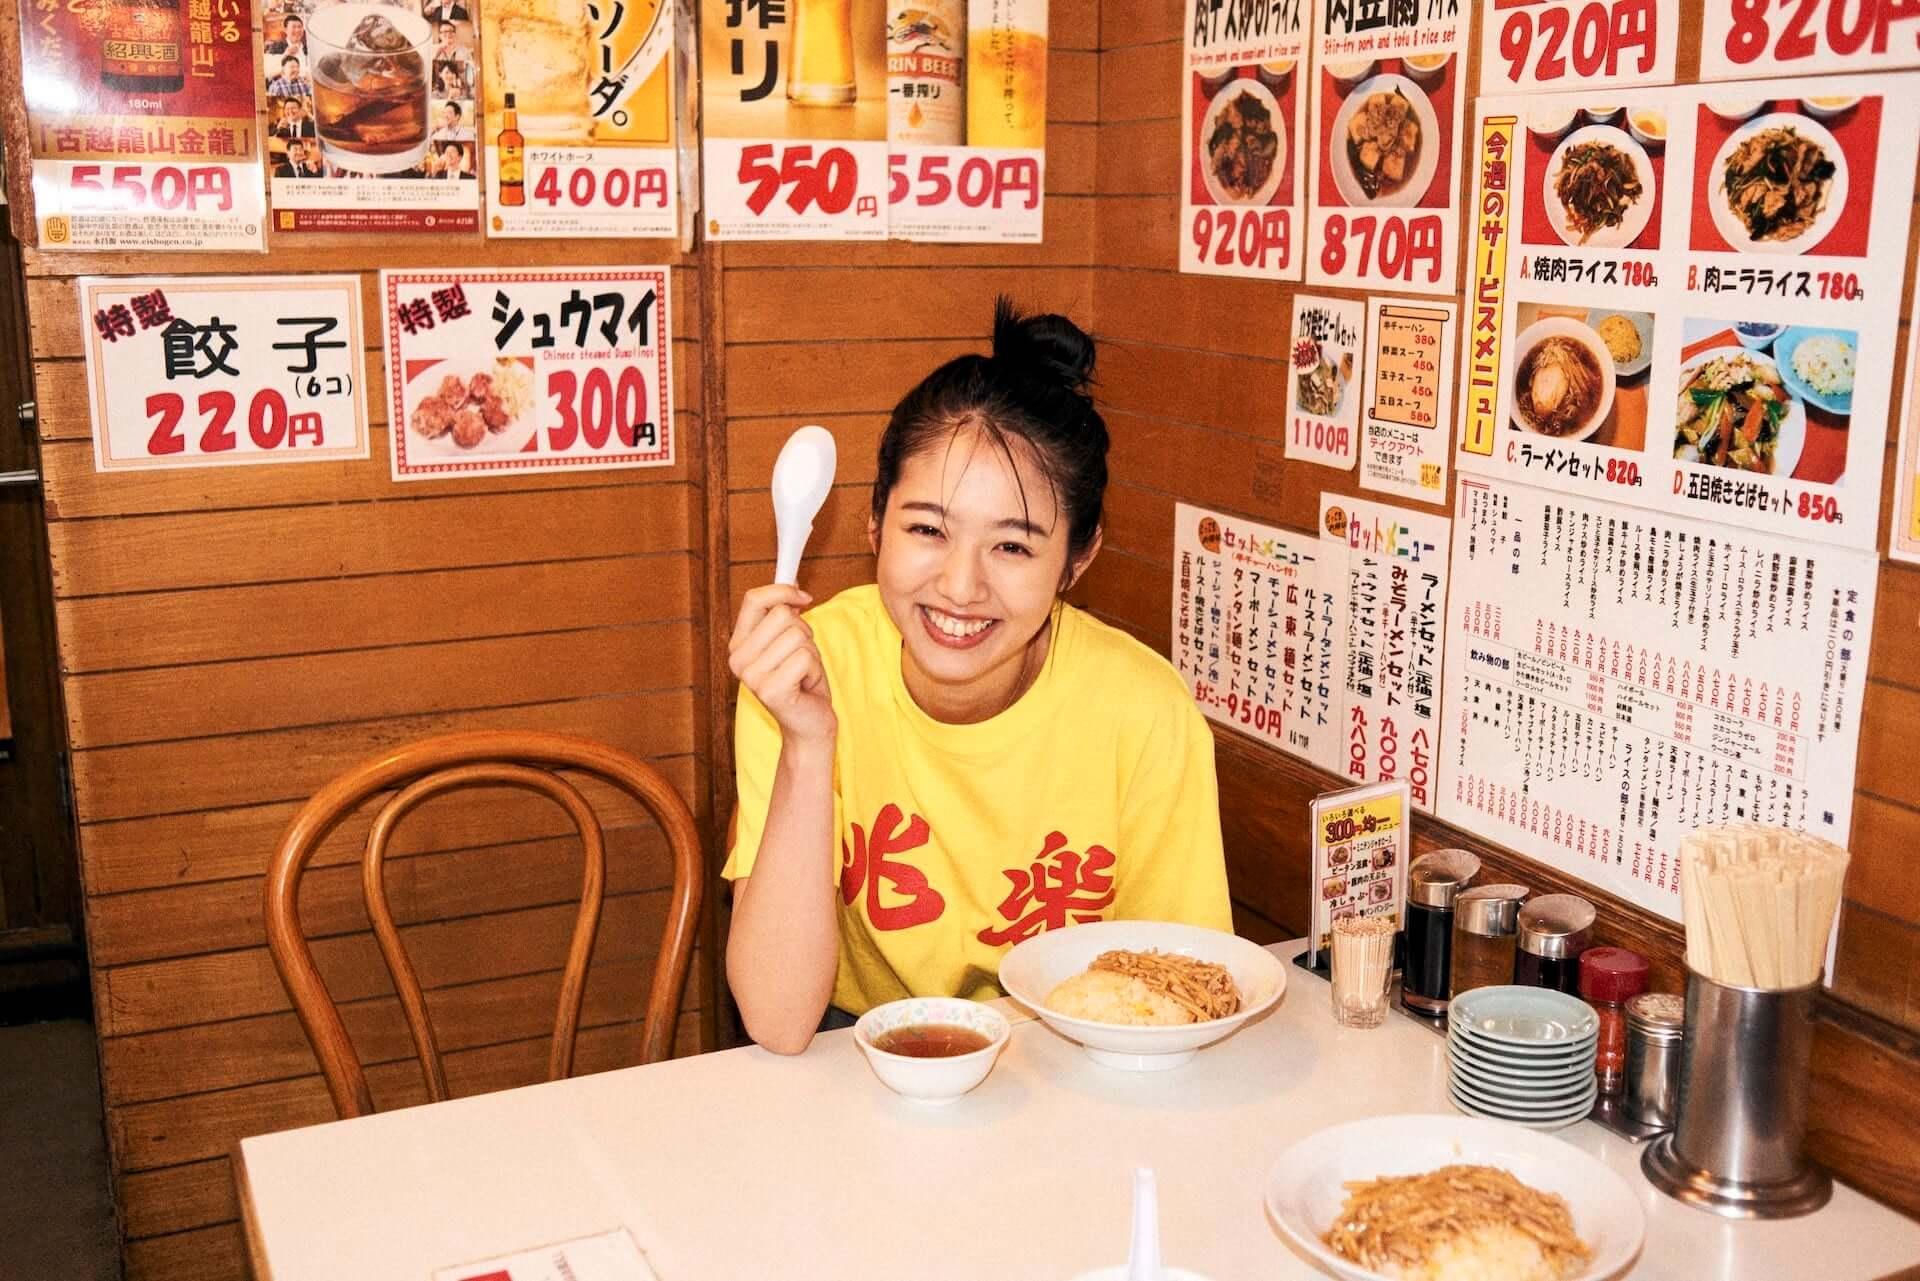 渋谷の街中華・兆楽とJOURNAL STANDARDがコラボ!Tシャツやキャップ、エコバッグが受注販売開始 lf210205_choraku-journalstandard_9-1920x1281